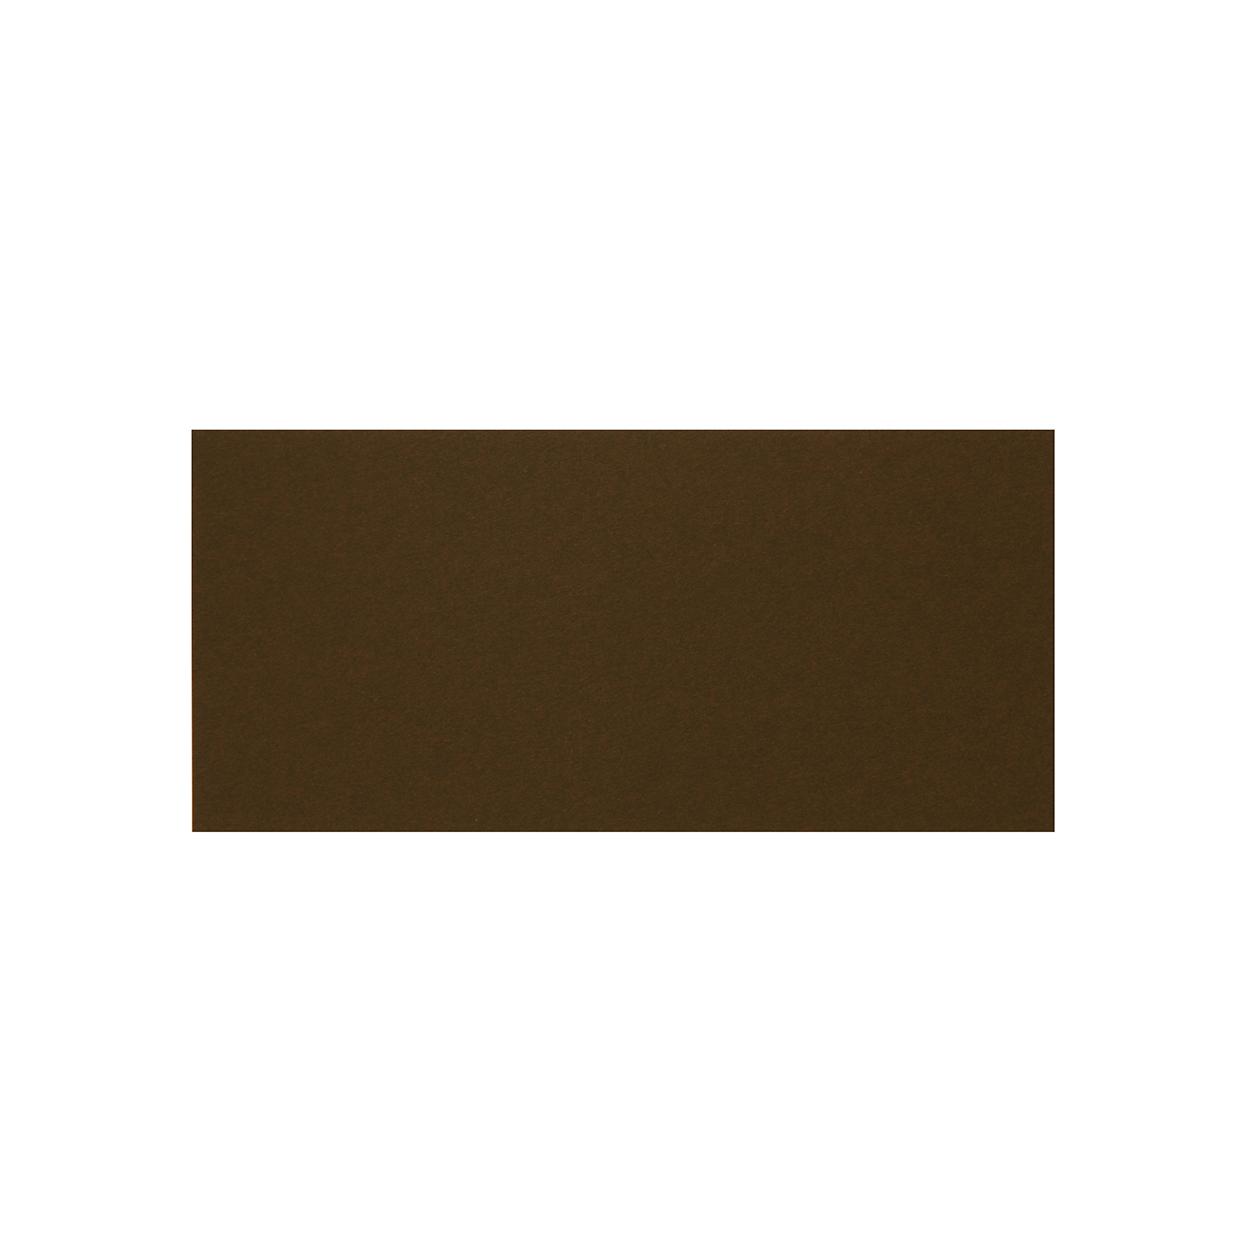 A31カード コットン チョコレート 291g